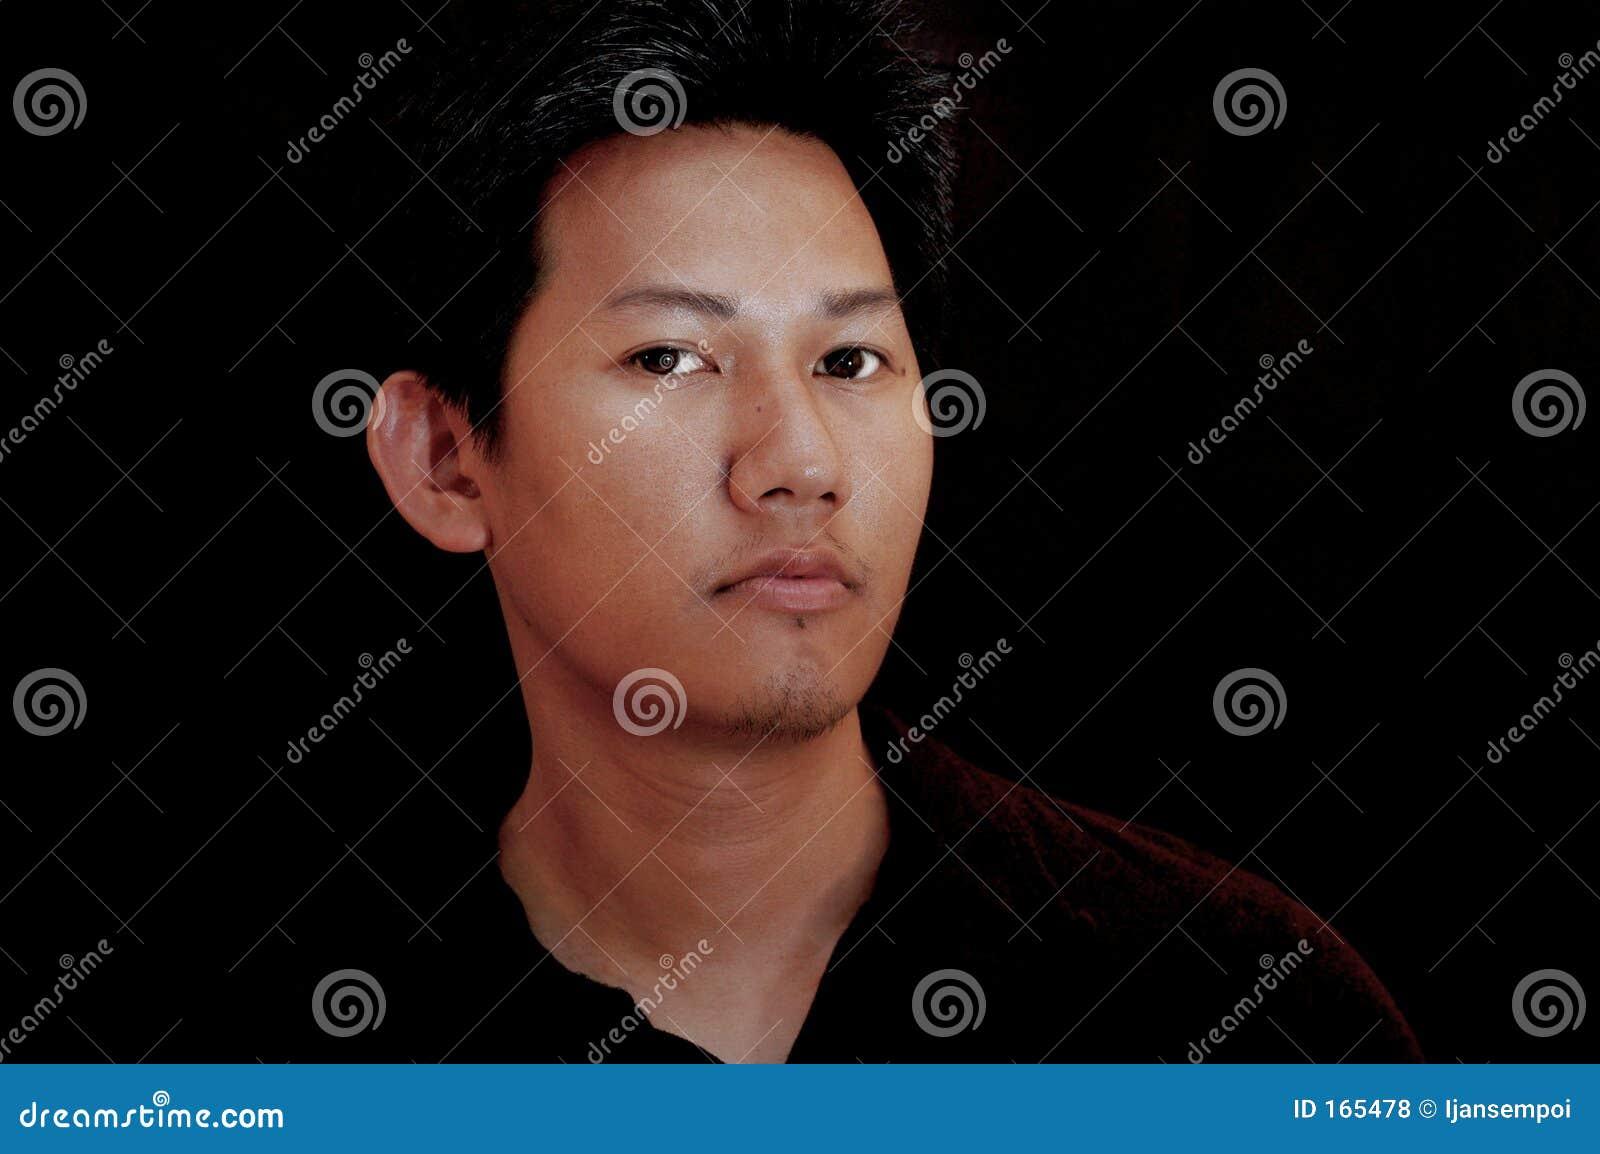 Asian male portrait